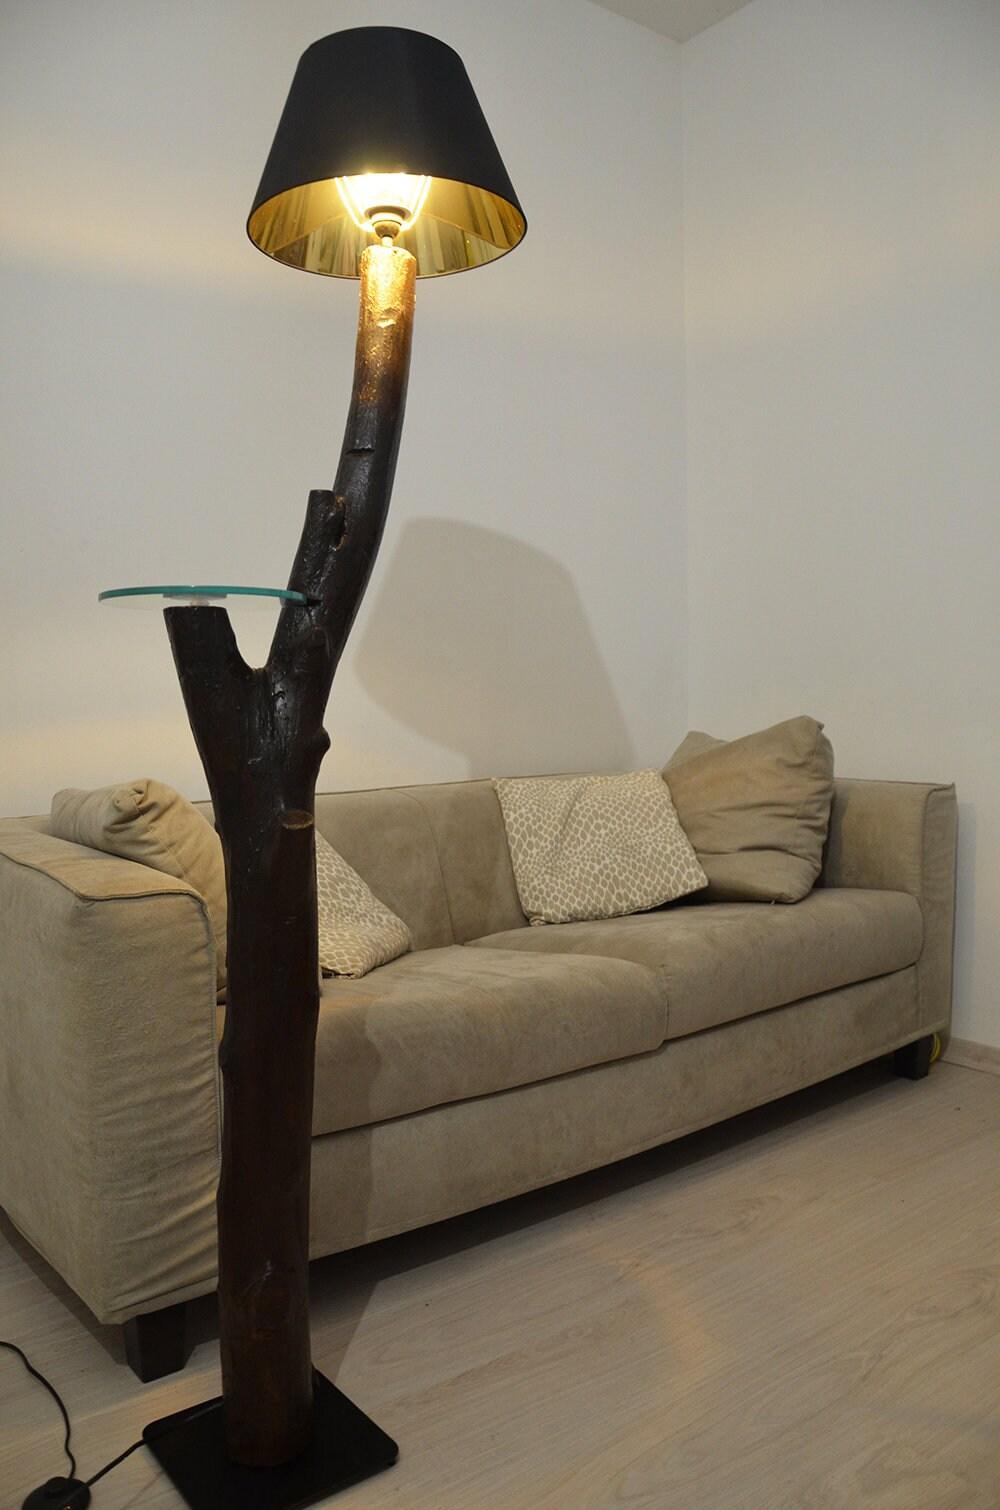 Lampadario con tronco di legno finest tronco lampada with